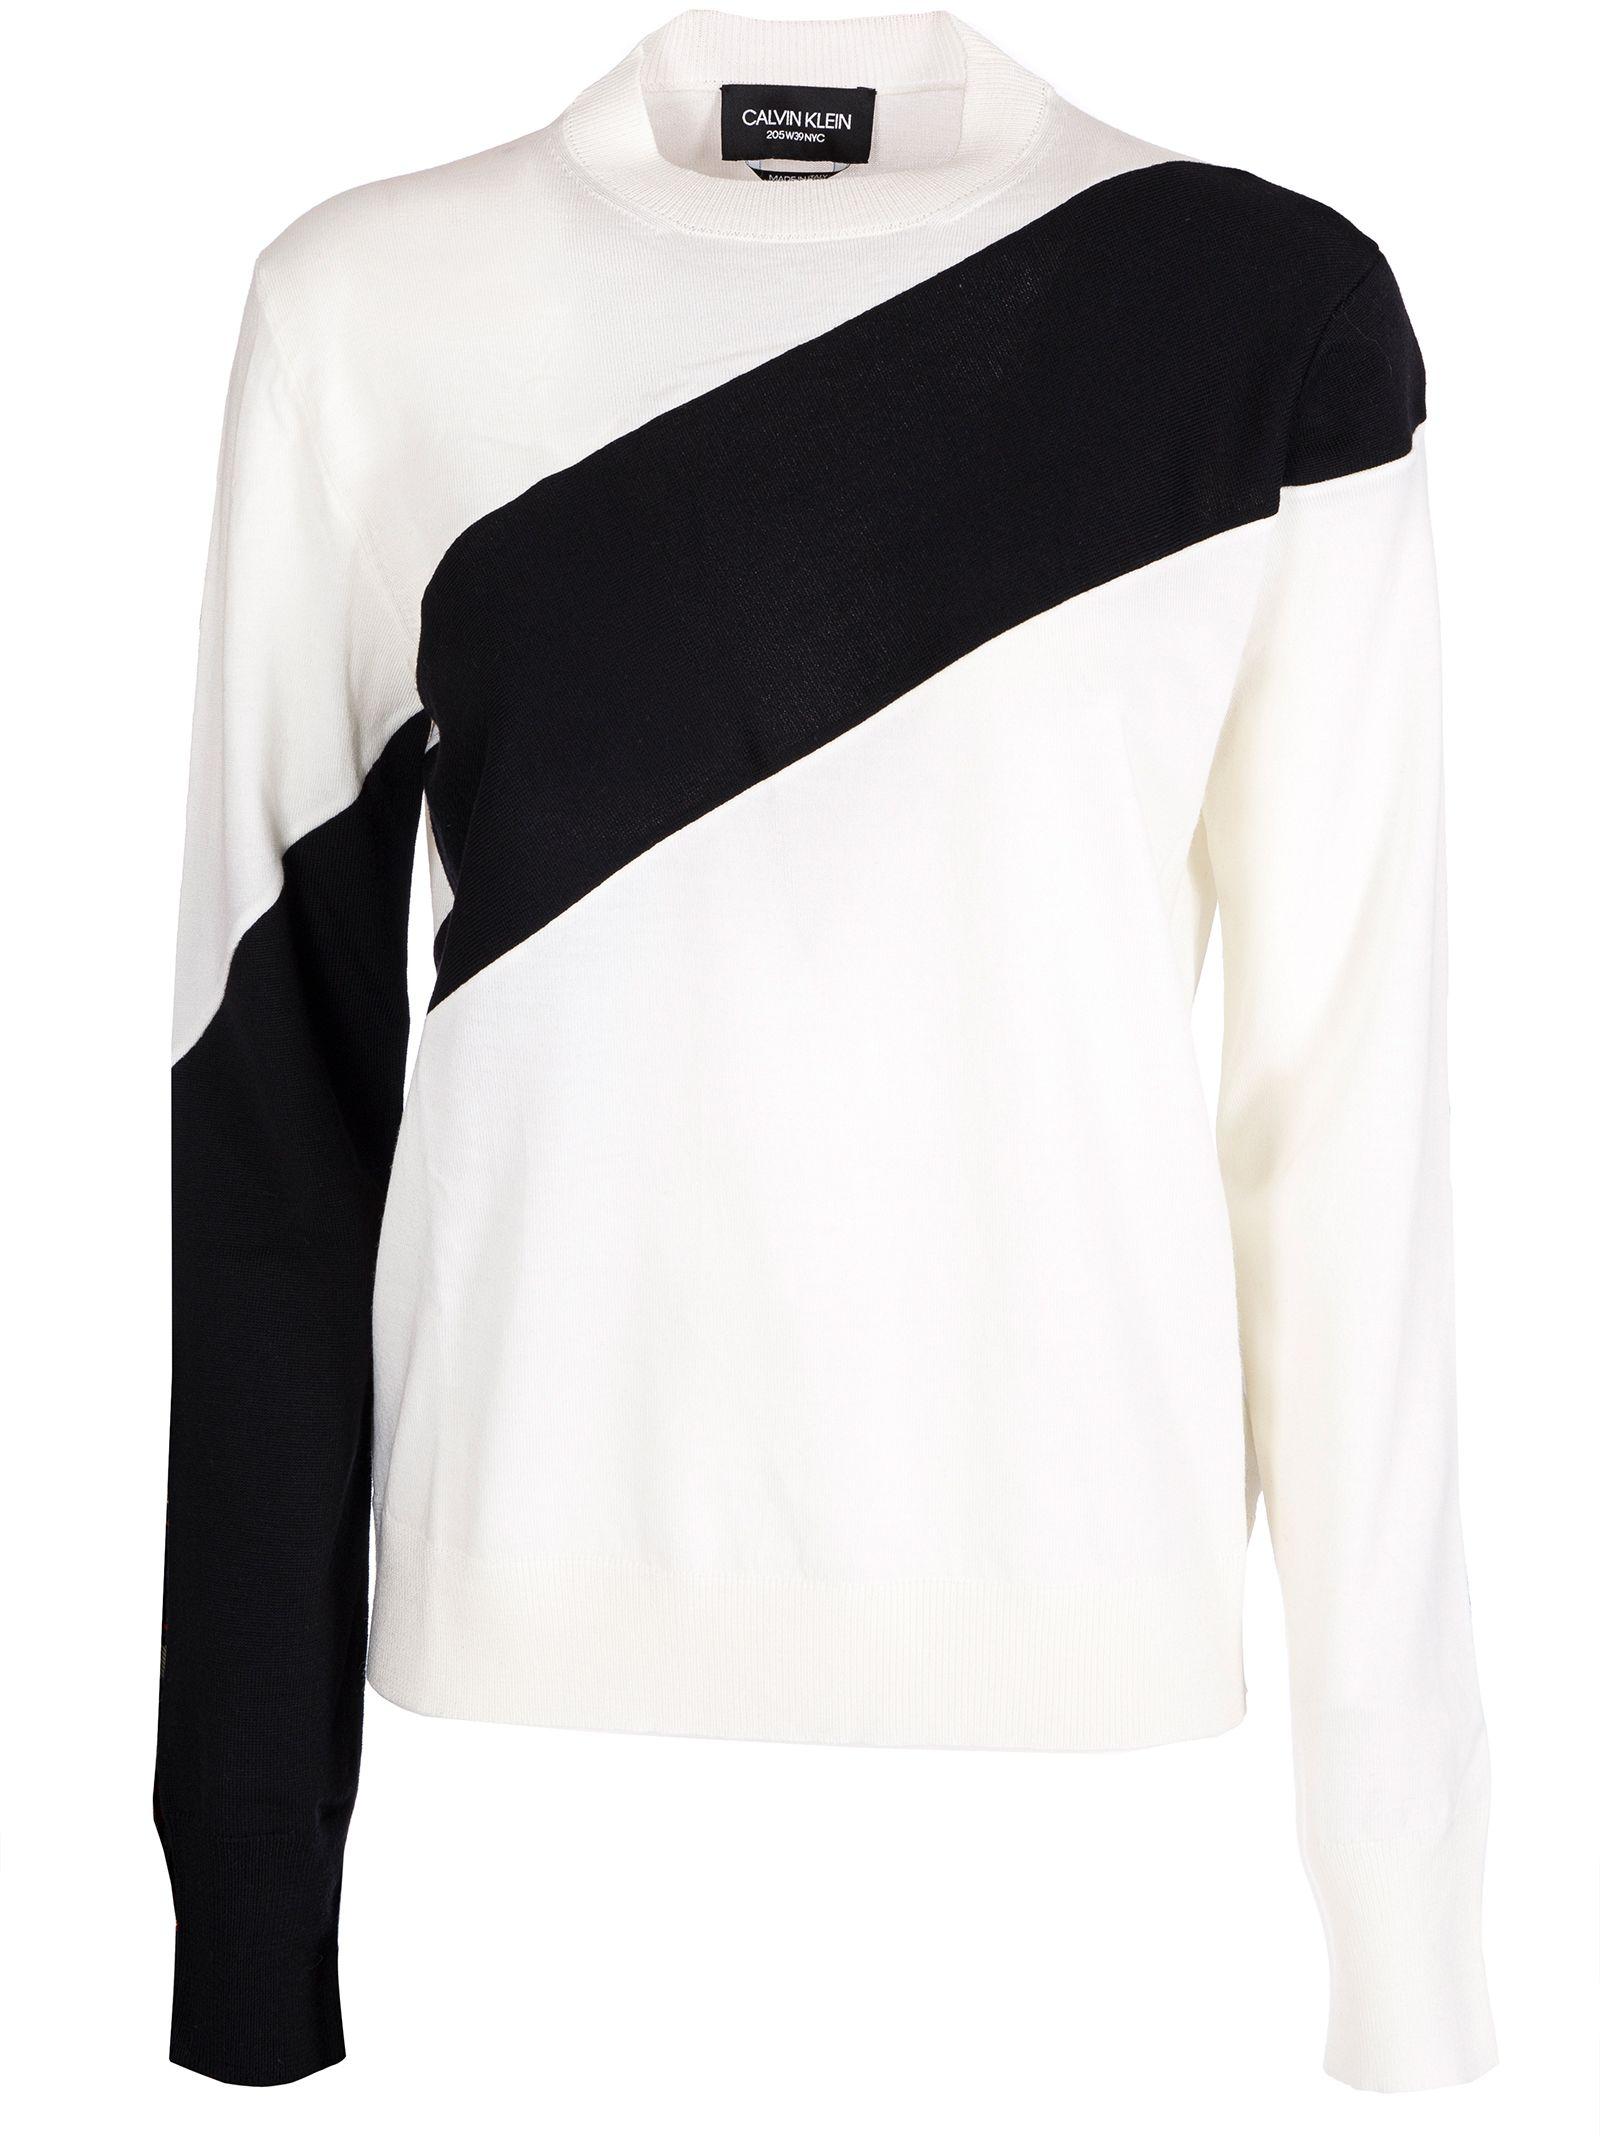 Calvin Klein Crewneck Colorblock Sweater